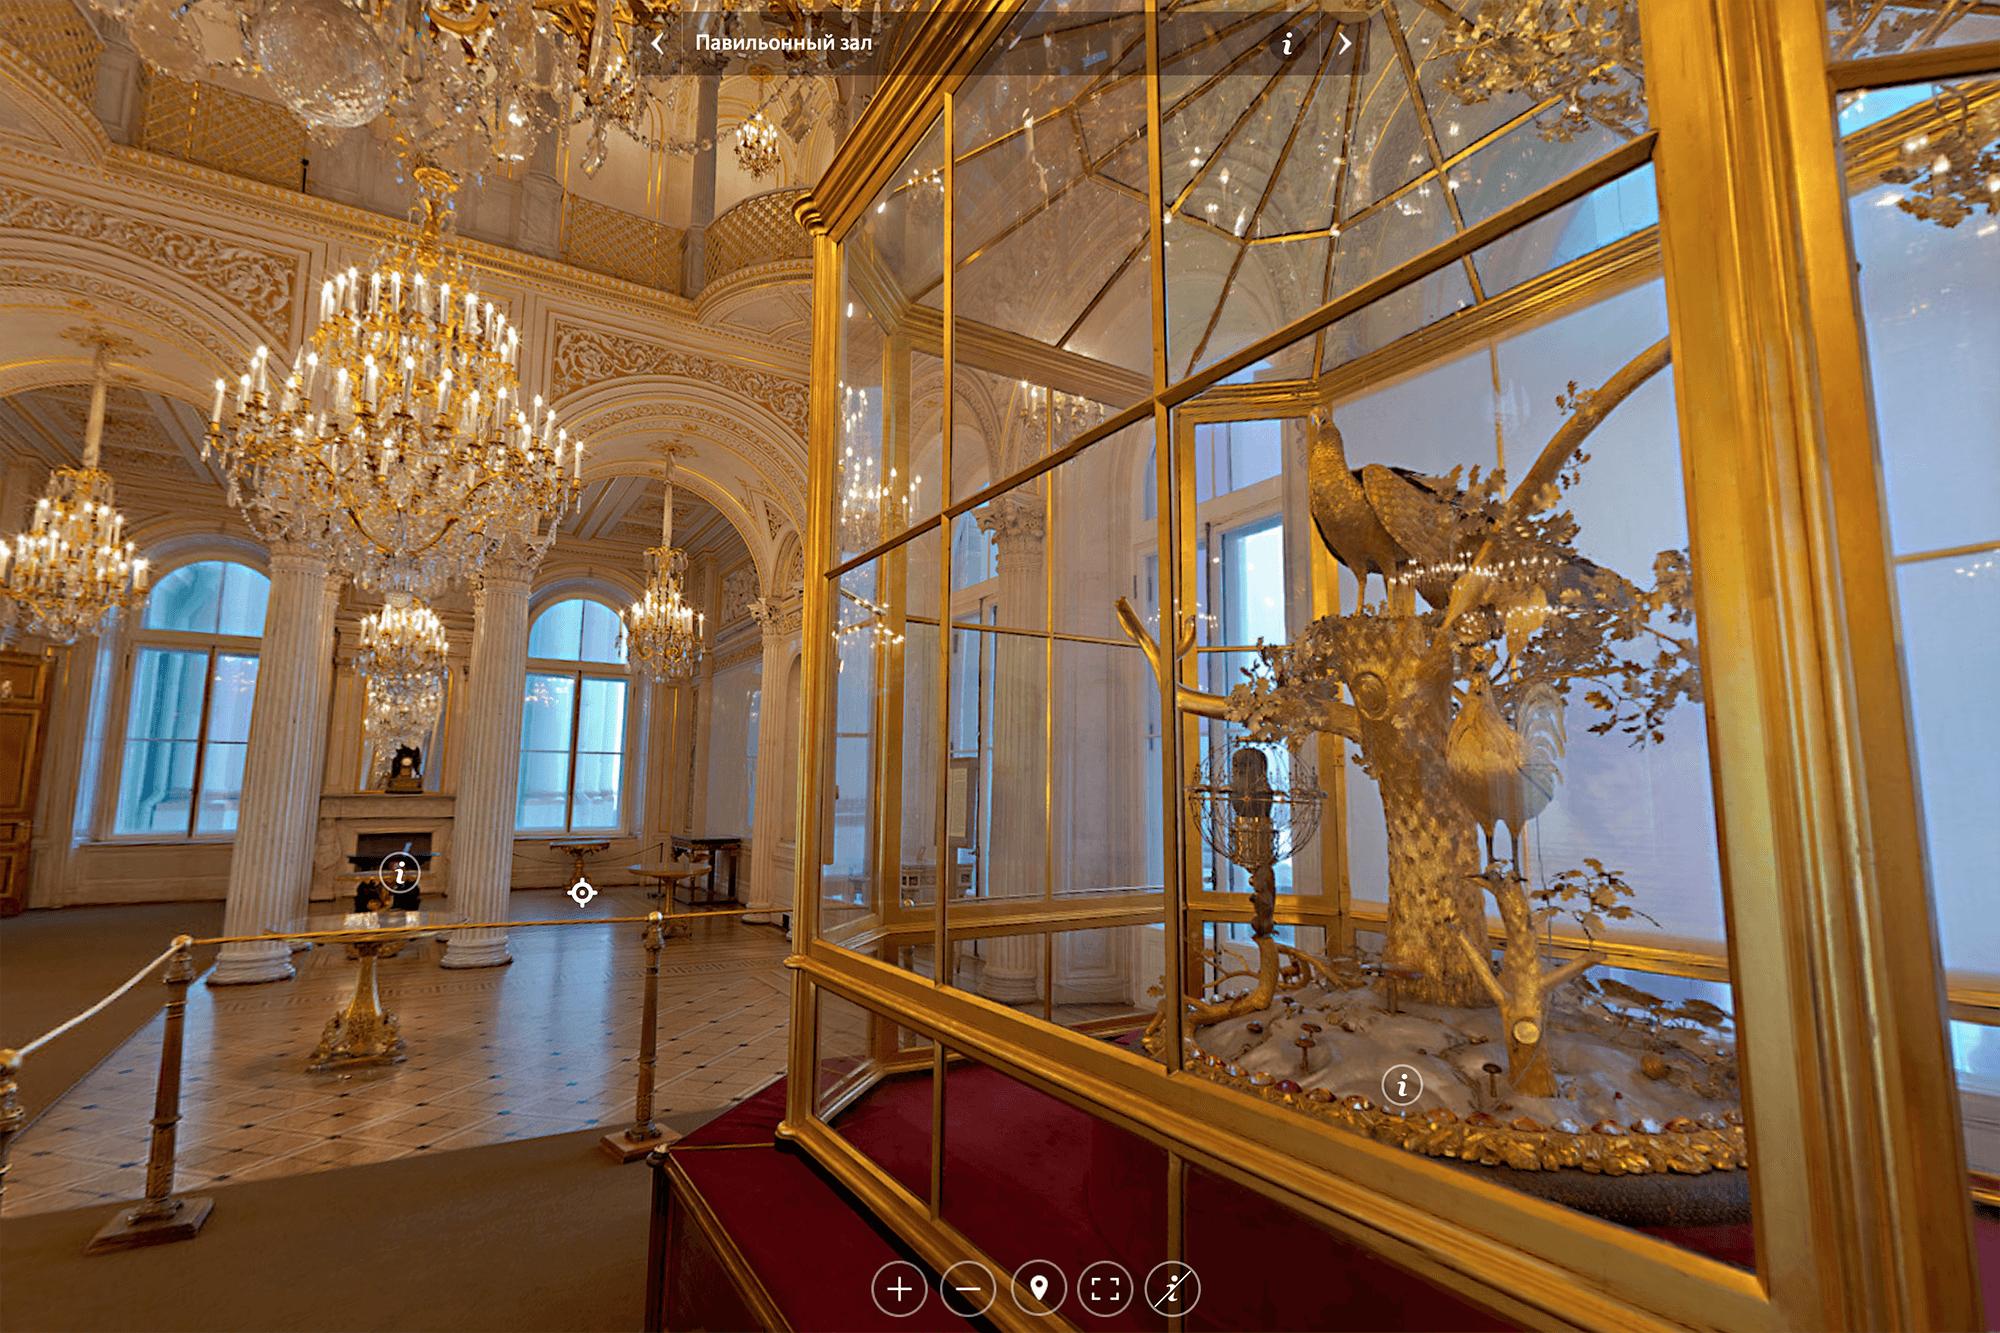 Часы «Павлин», подаренные Екатерине II князем Потемкиным, находятся в Павильонном зале Эрмитажа